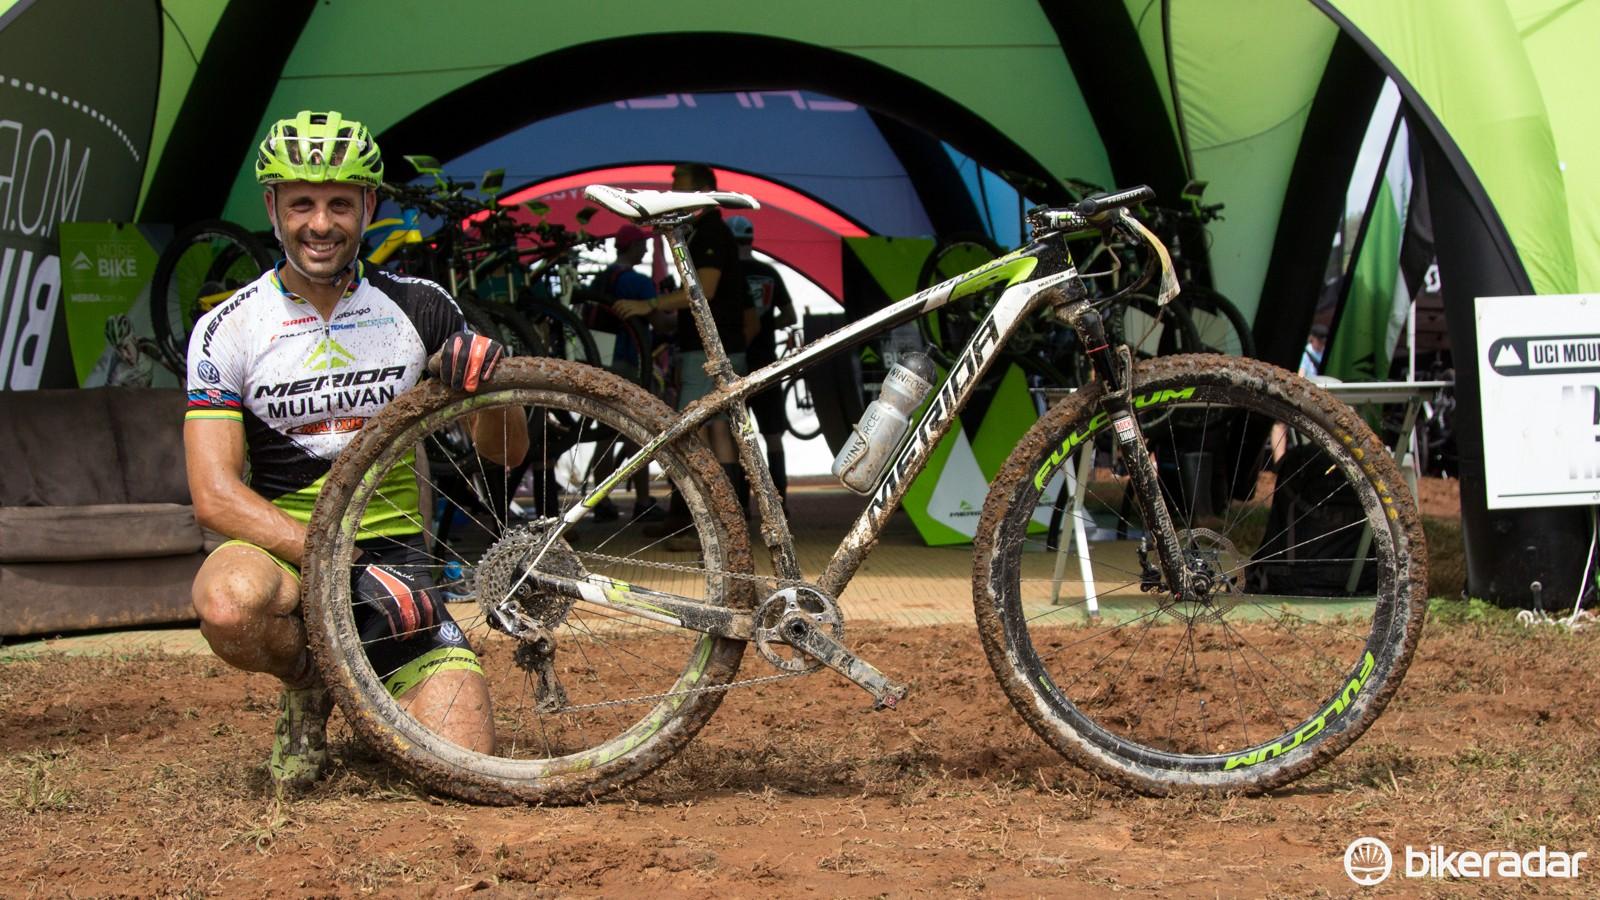 José Antonio Hermida and his 2014 Merida Big.Nine Multivan Merida team bike